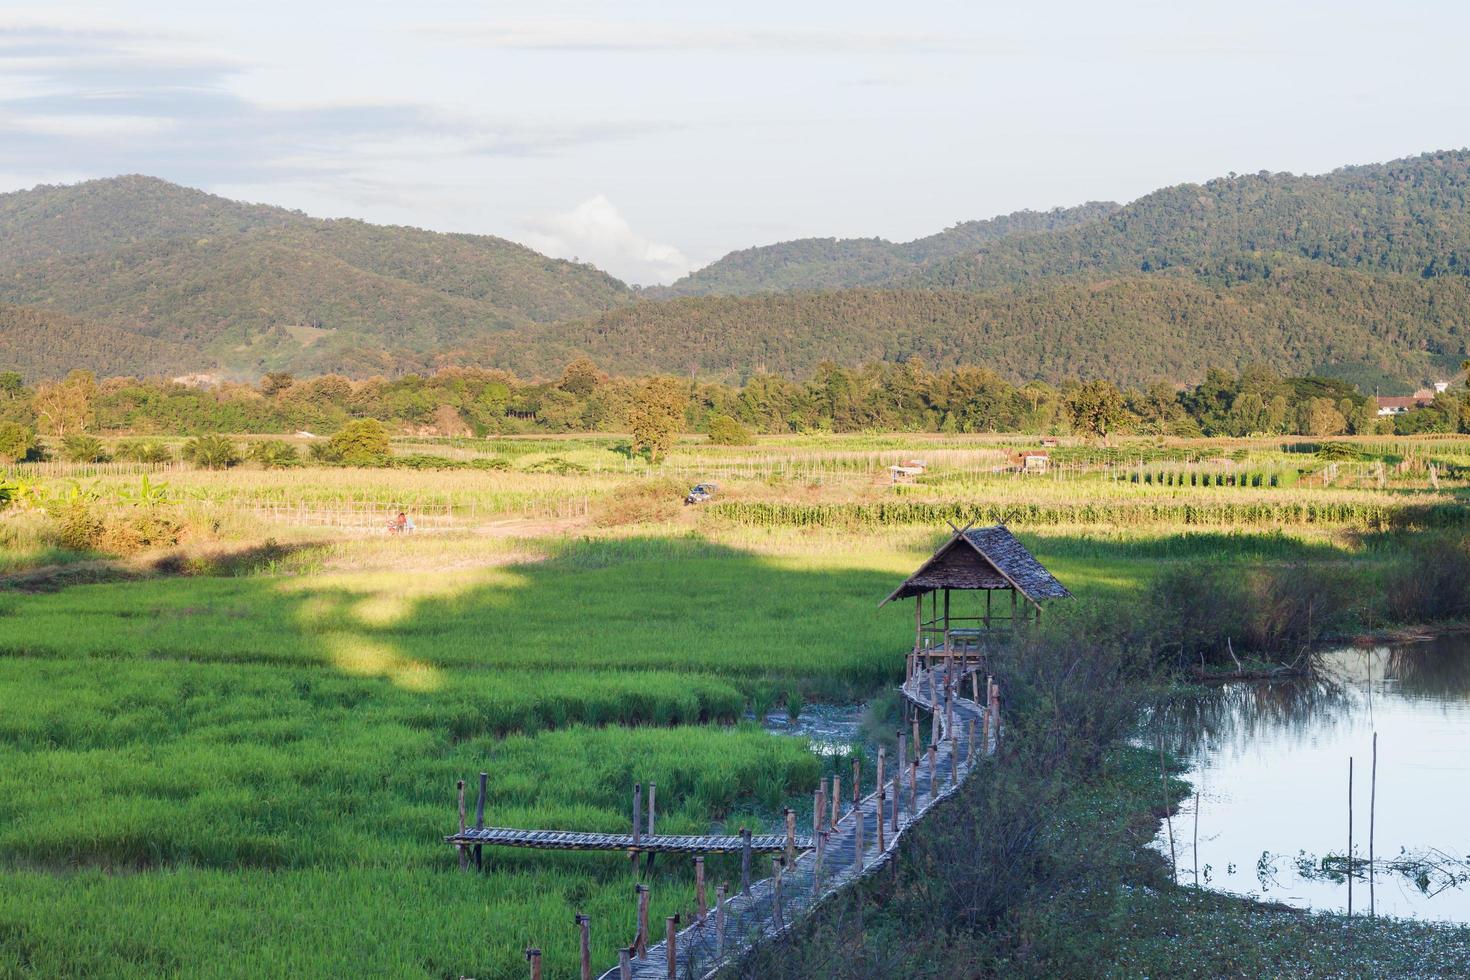 Chiang Rai, Thailand, 2020 - Rice field near mountains photo